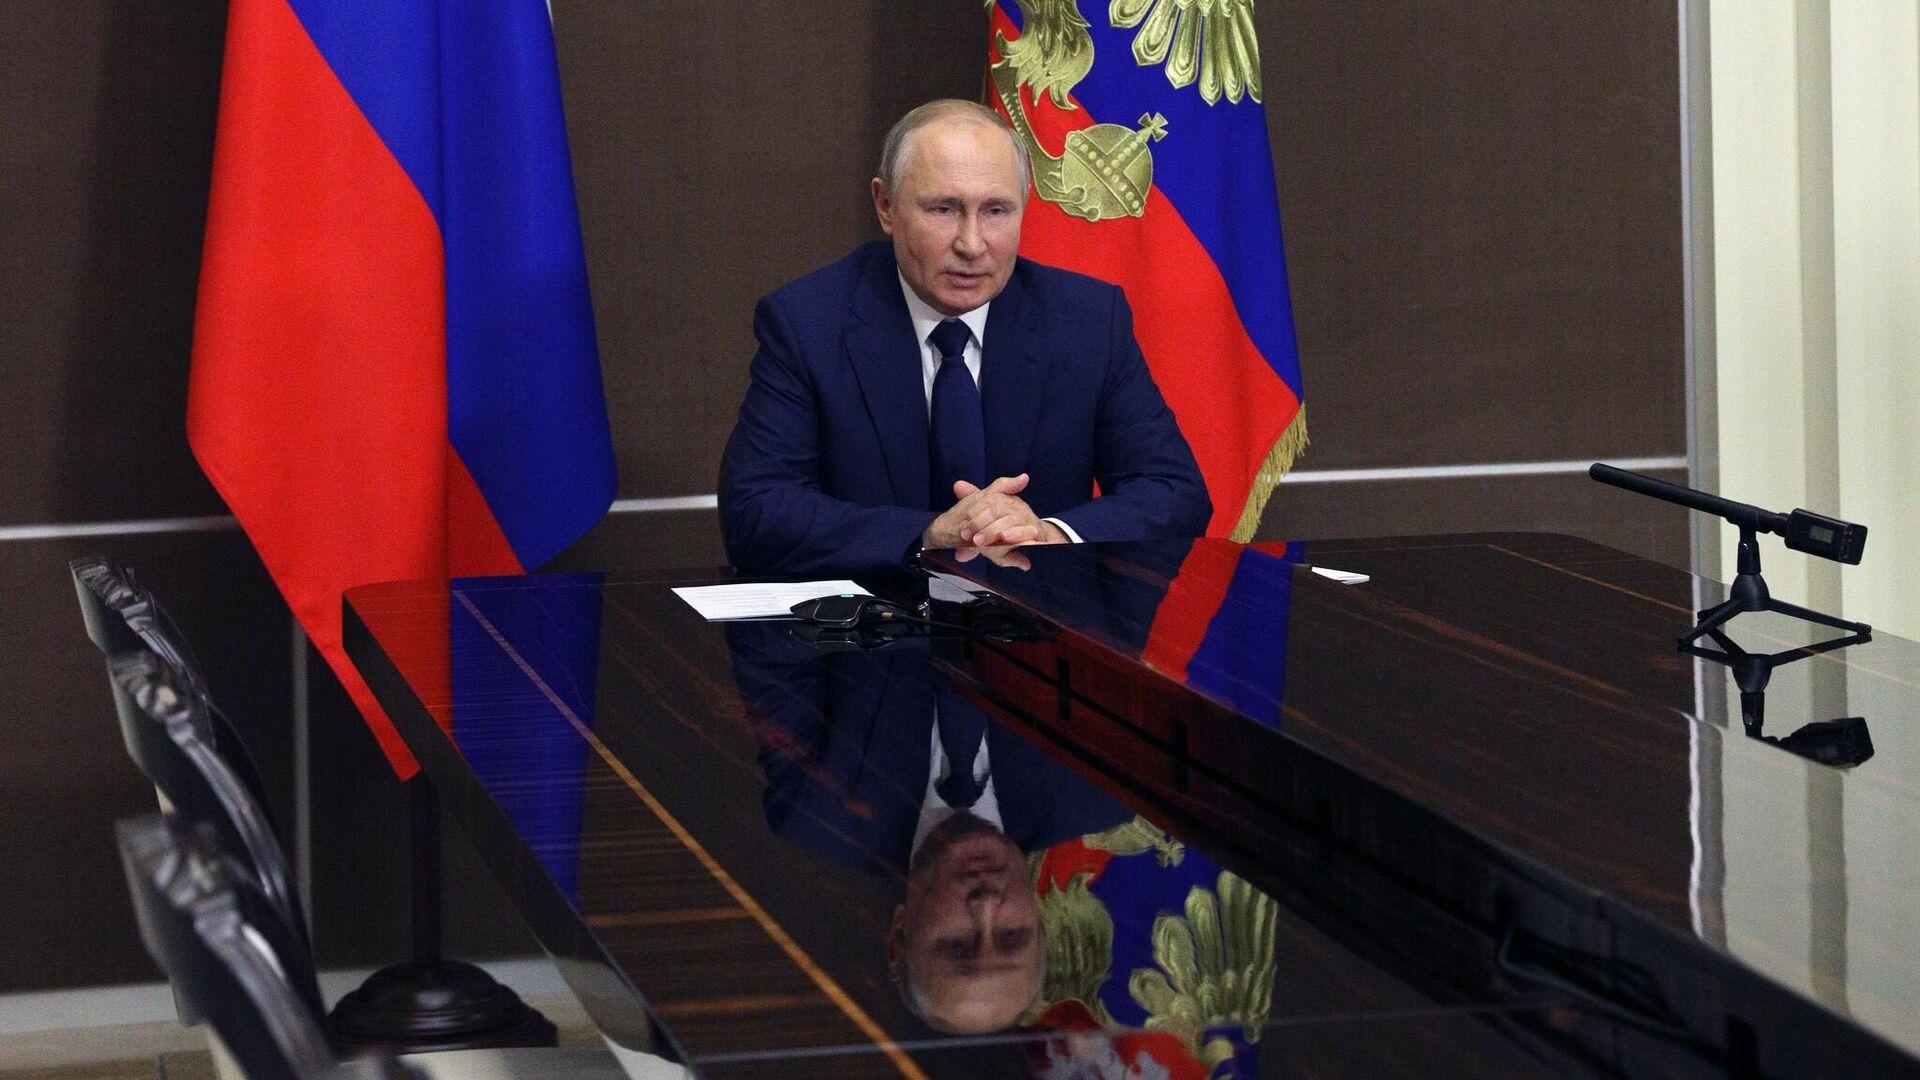 Президент РФ Владимир Путин проводит оперативное совещание с постоянными членами Совета безопасности в режиме видеоконференции - РИА Новости, 1920, 04.06.2021